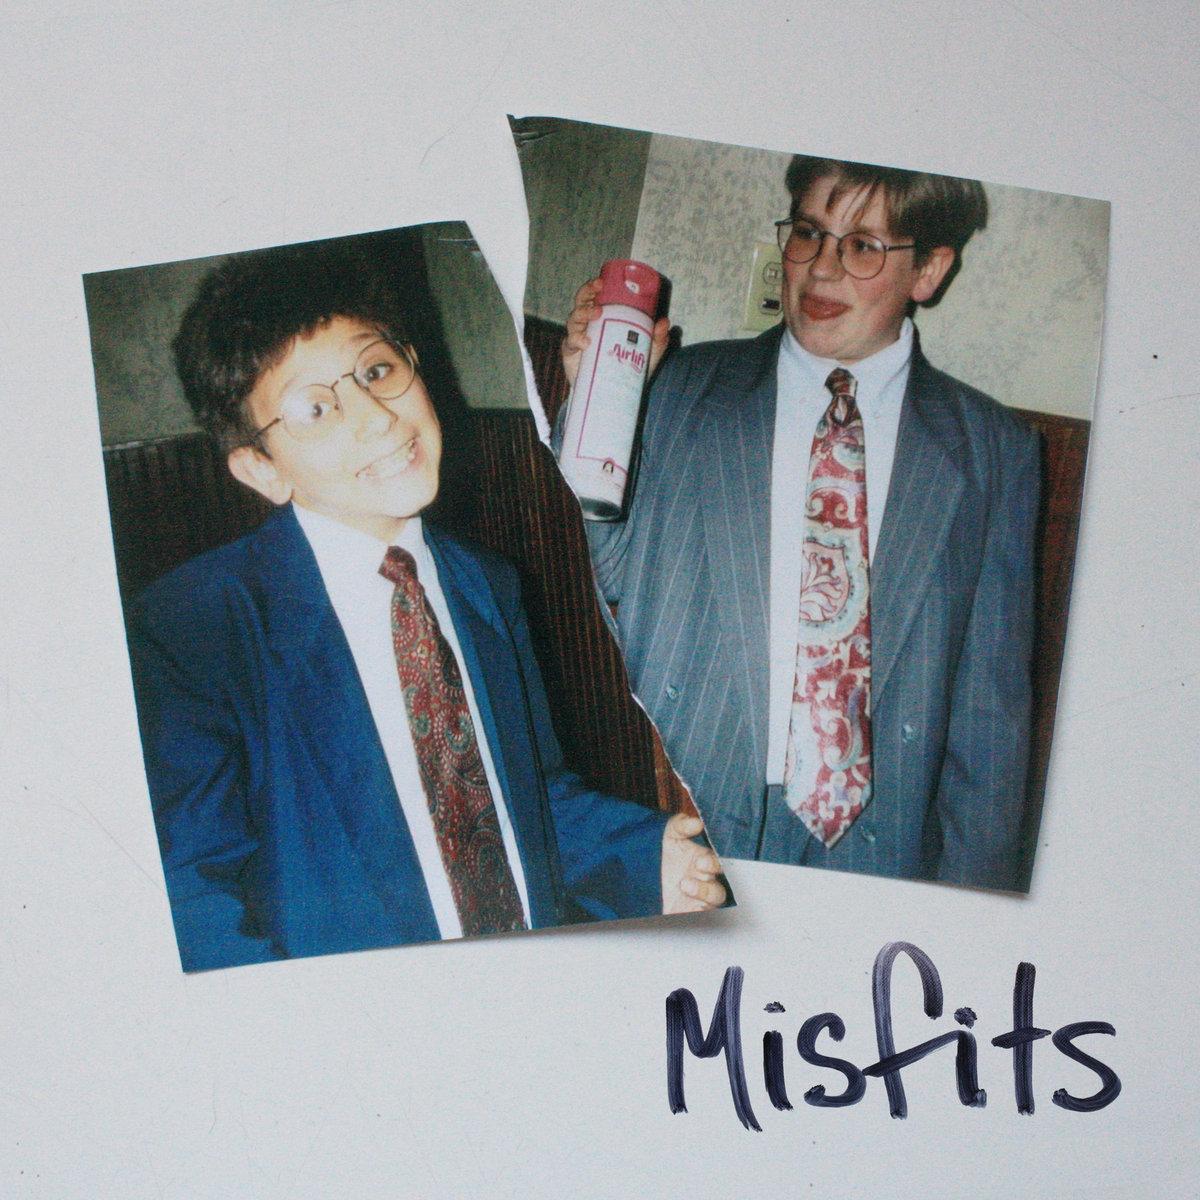 MISFITS_Cover.jpg